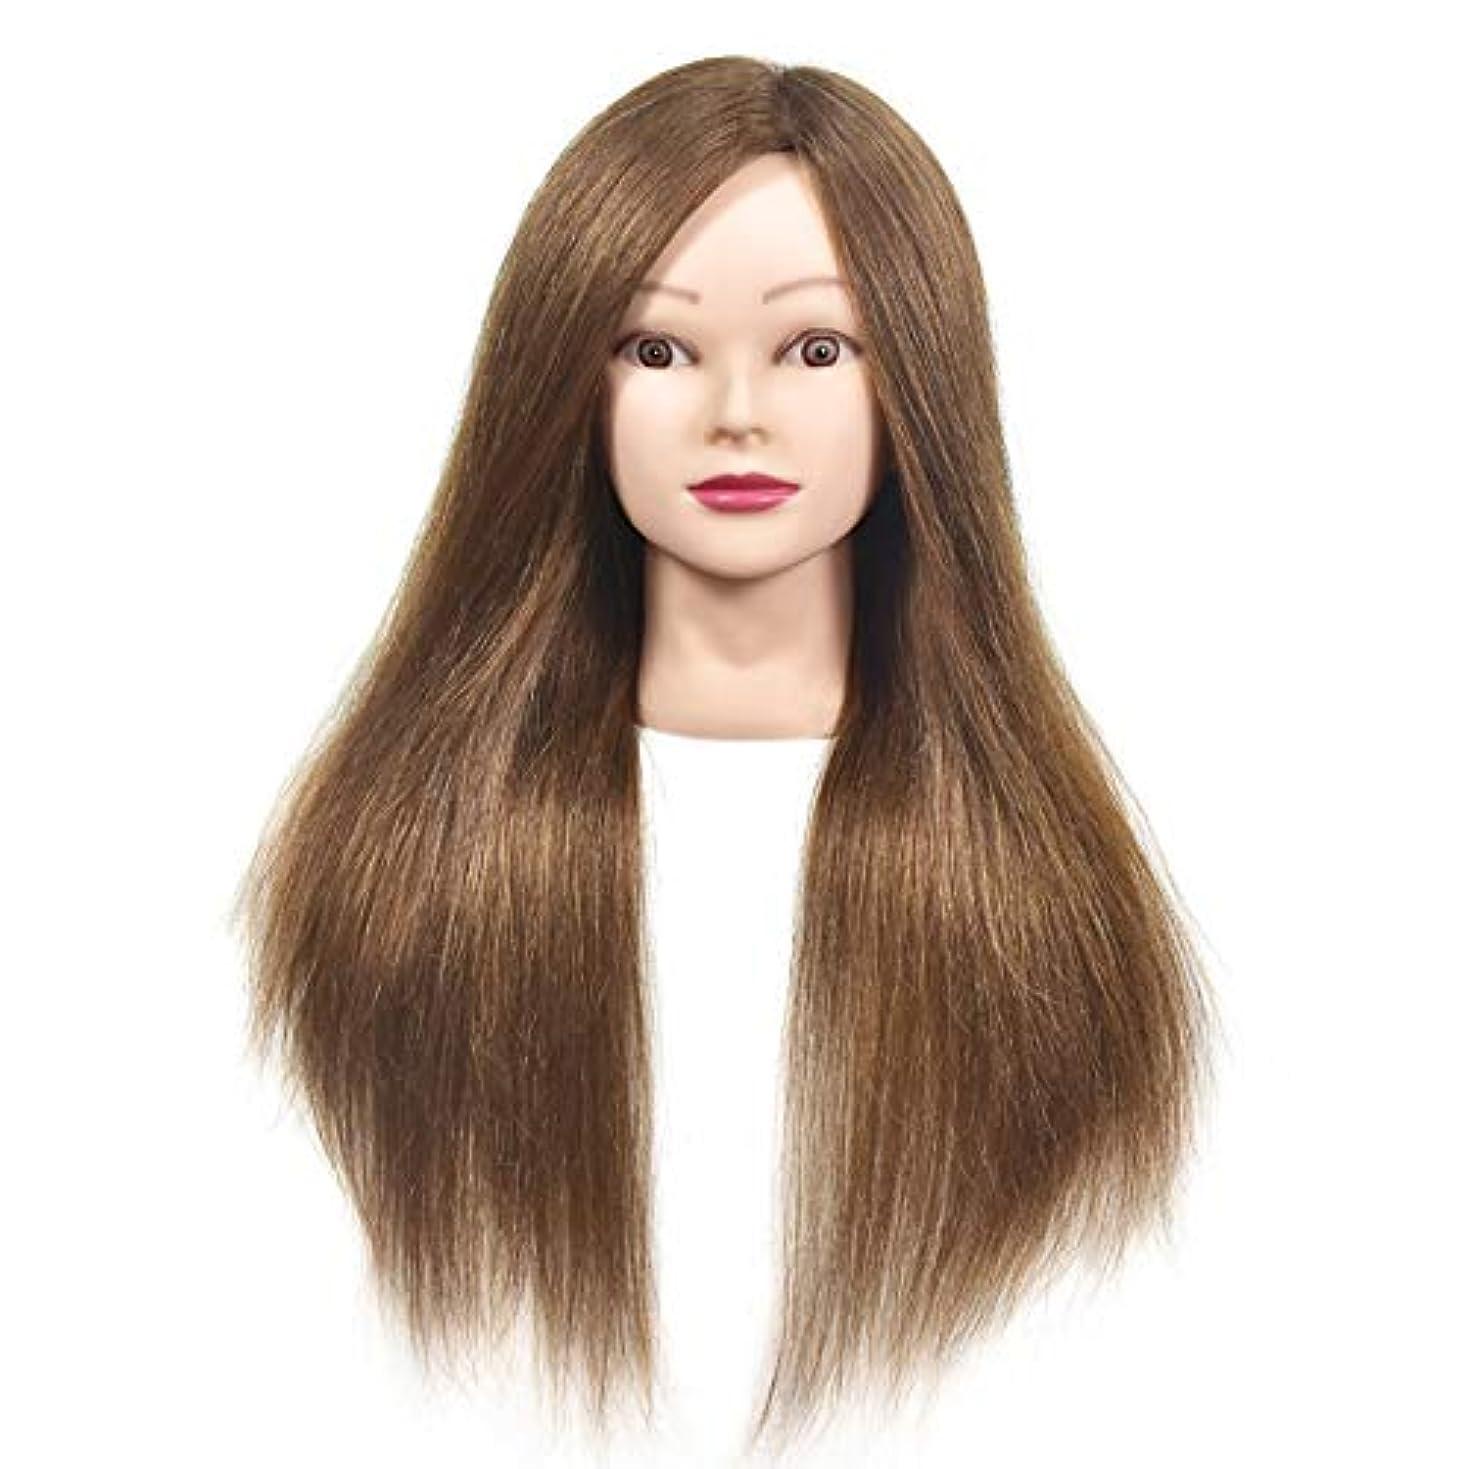 拒絶ナビゲーション納屋本物の人間の髪のかつらの頭の金型の頭の編み出しスタイリングのマネキン頭の理髪店の練習の教師のダミーヘッド